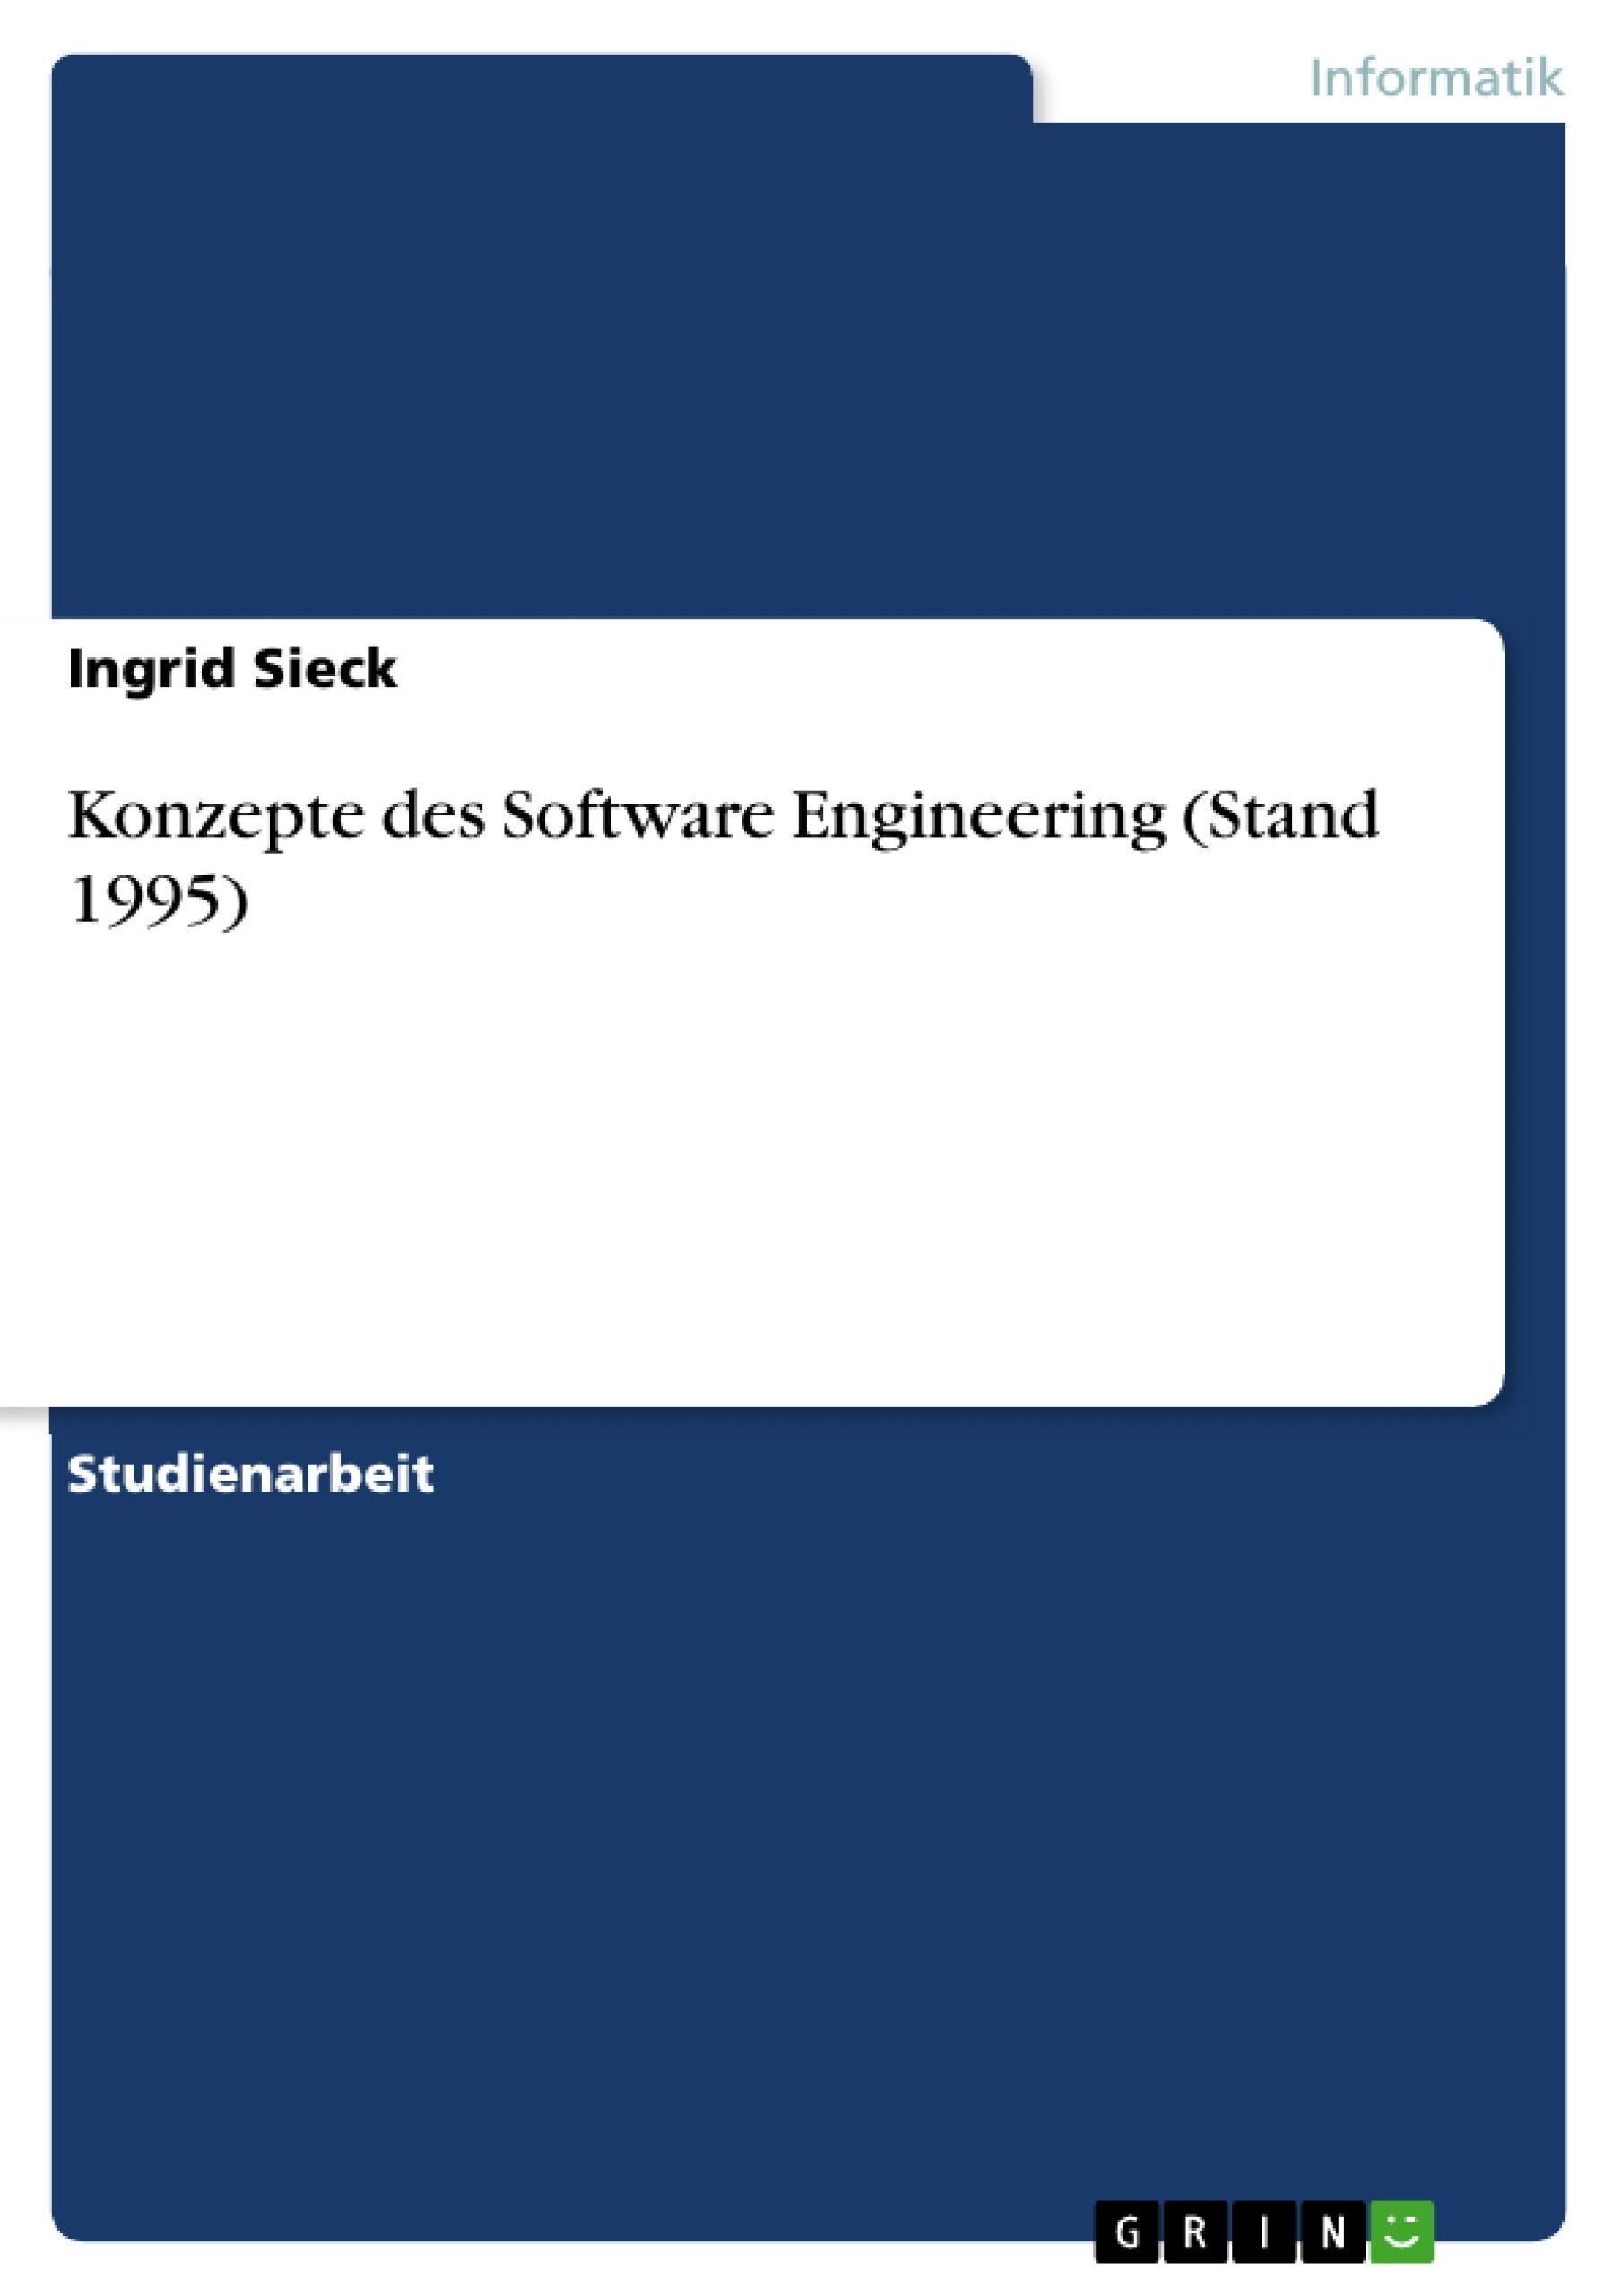 Titel: Konzepte des Software Engineering (Stand 1995)